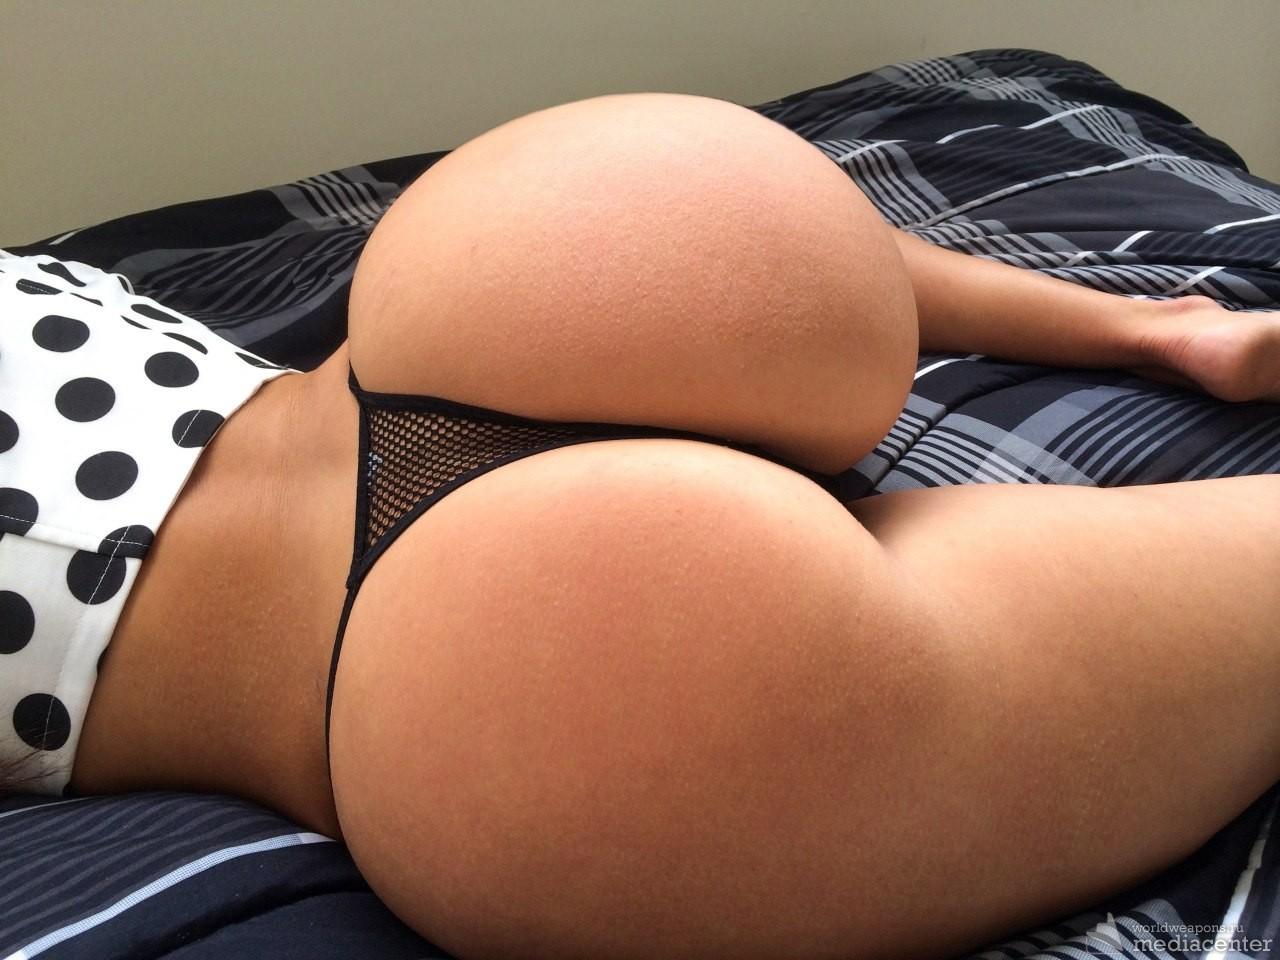 Шикарные голые задницы фото 30 фотография